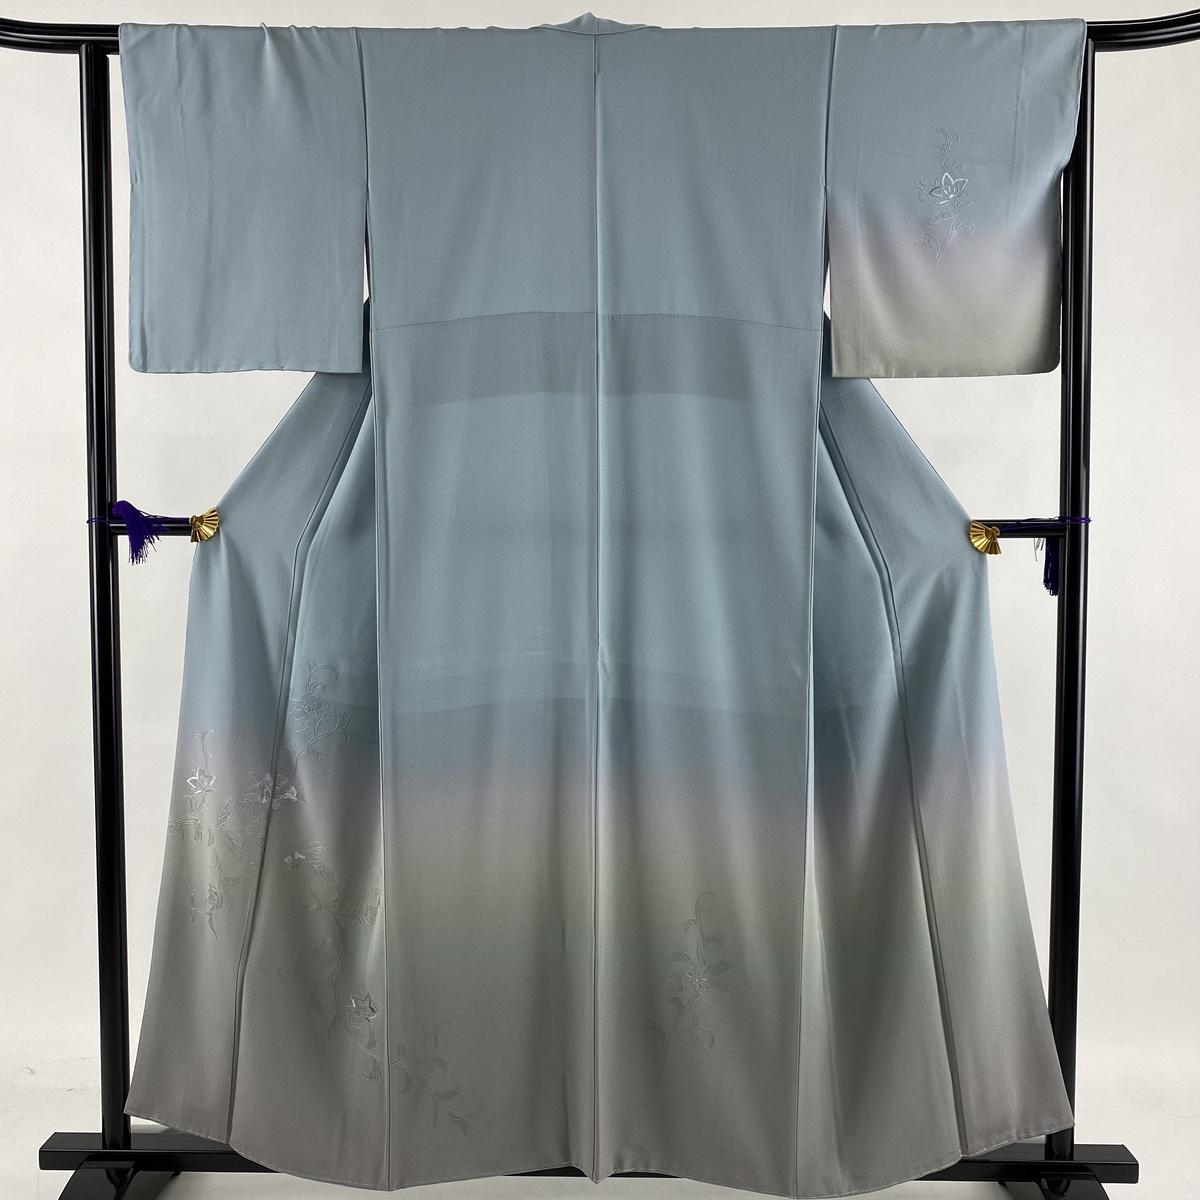 ランクS 着物 リサイクル 送料無料 訪問着 美品 秀品 草花 刺繍 中古 正絹 63cm 青灰色 S ぼかし お得 お見舞い 袷 156.5cm